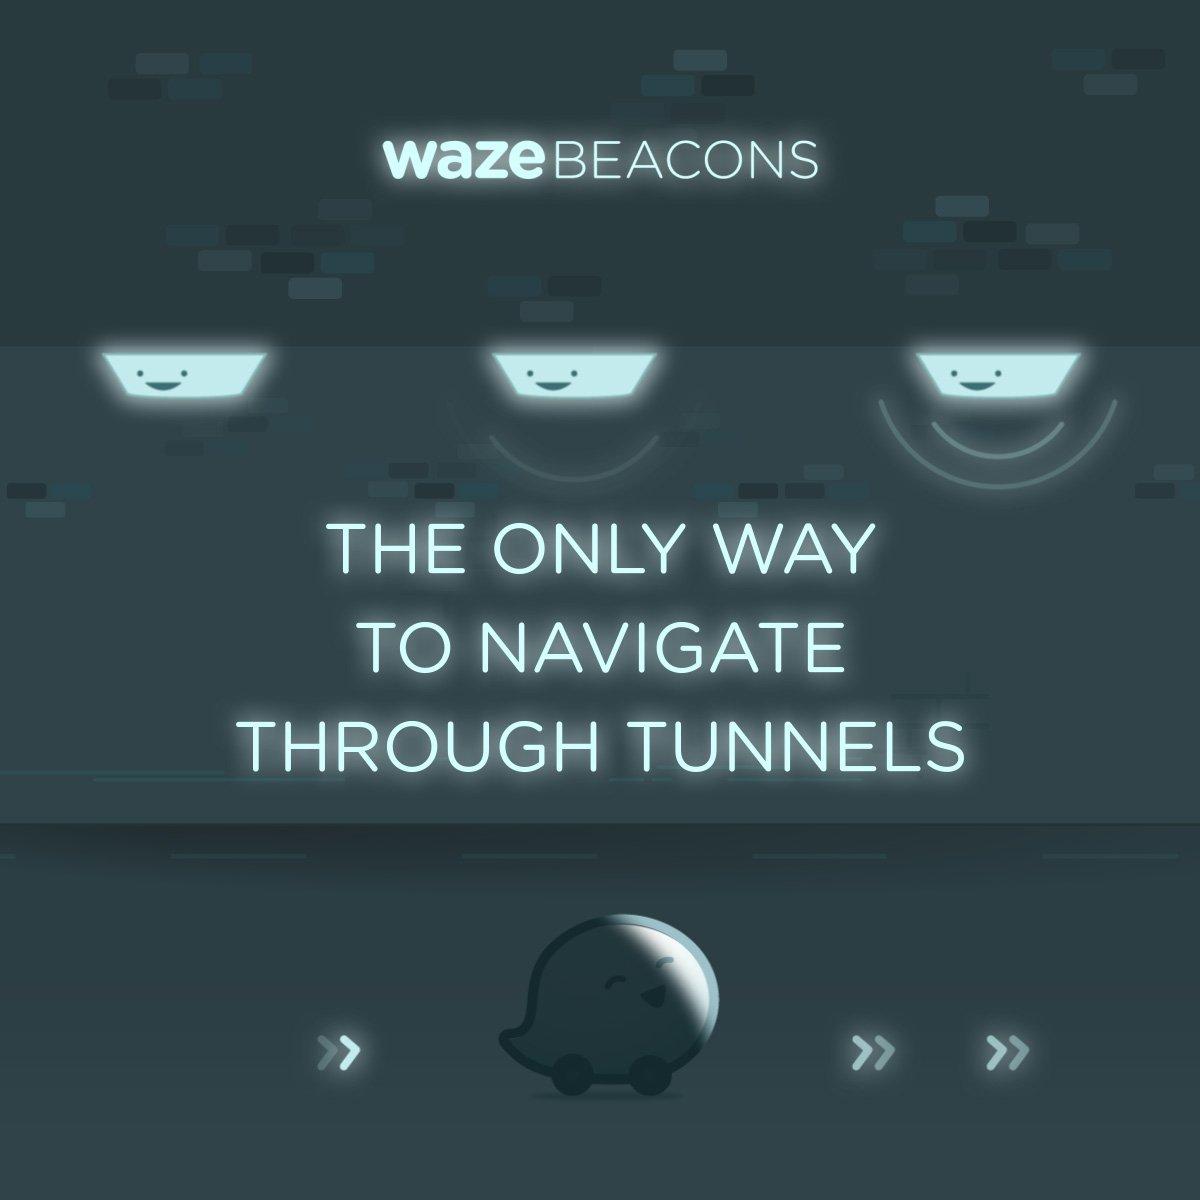 waze on Twitter: